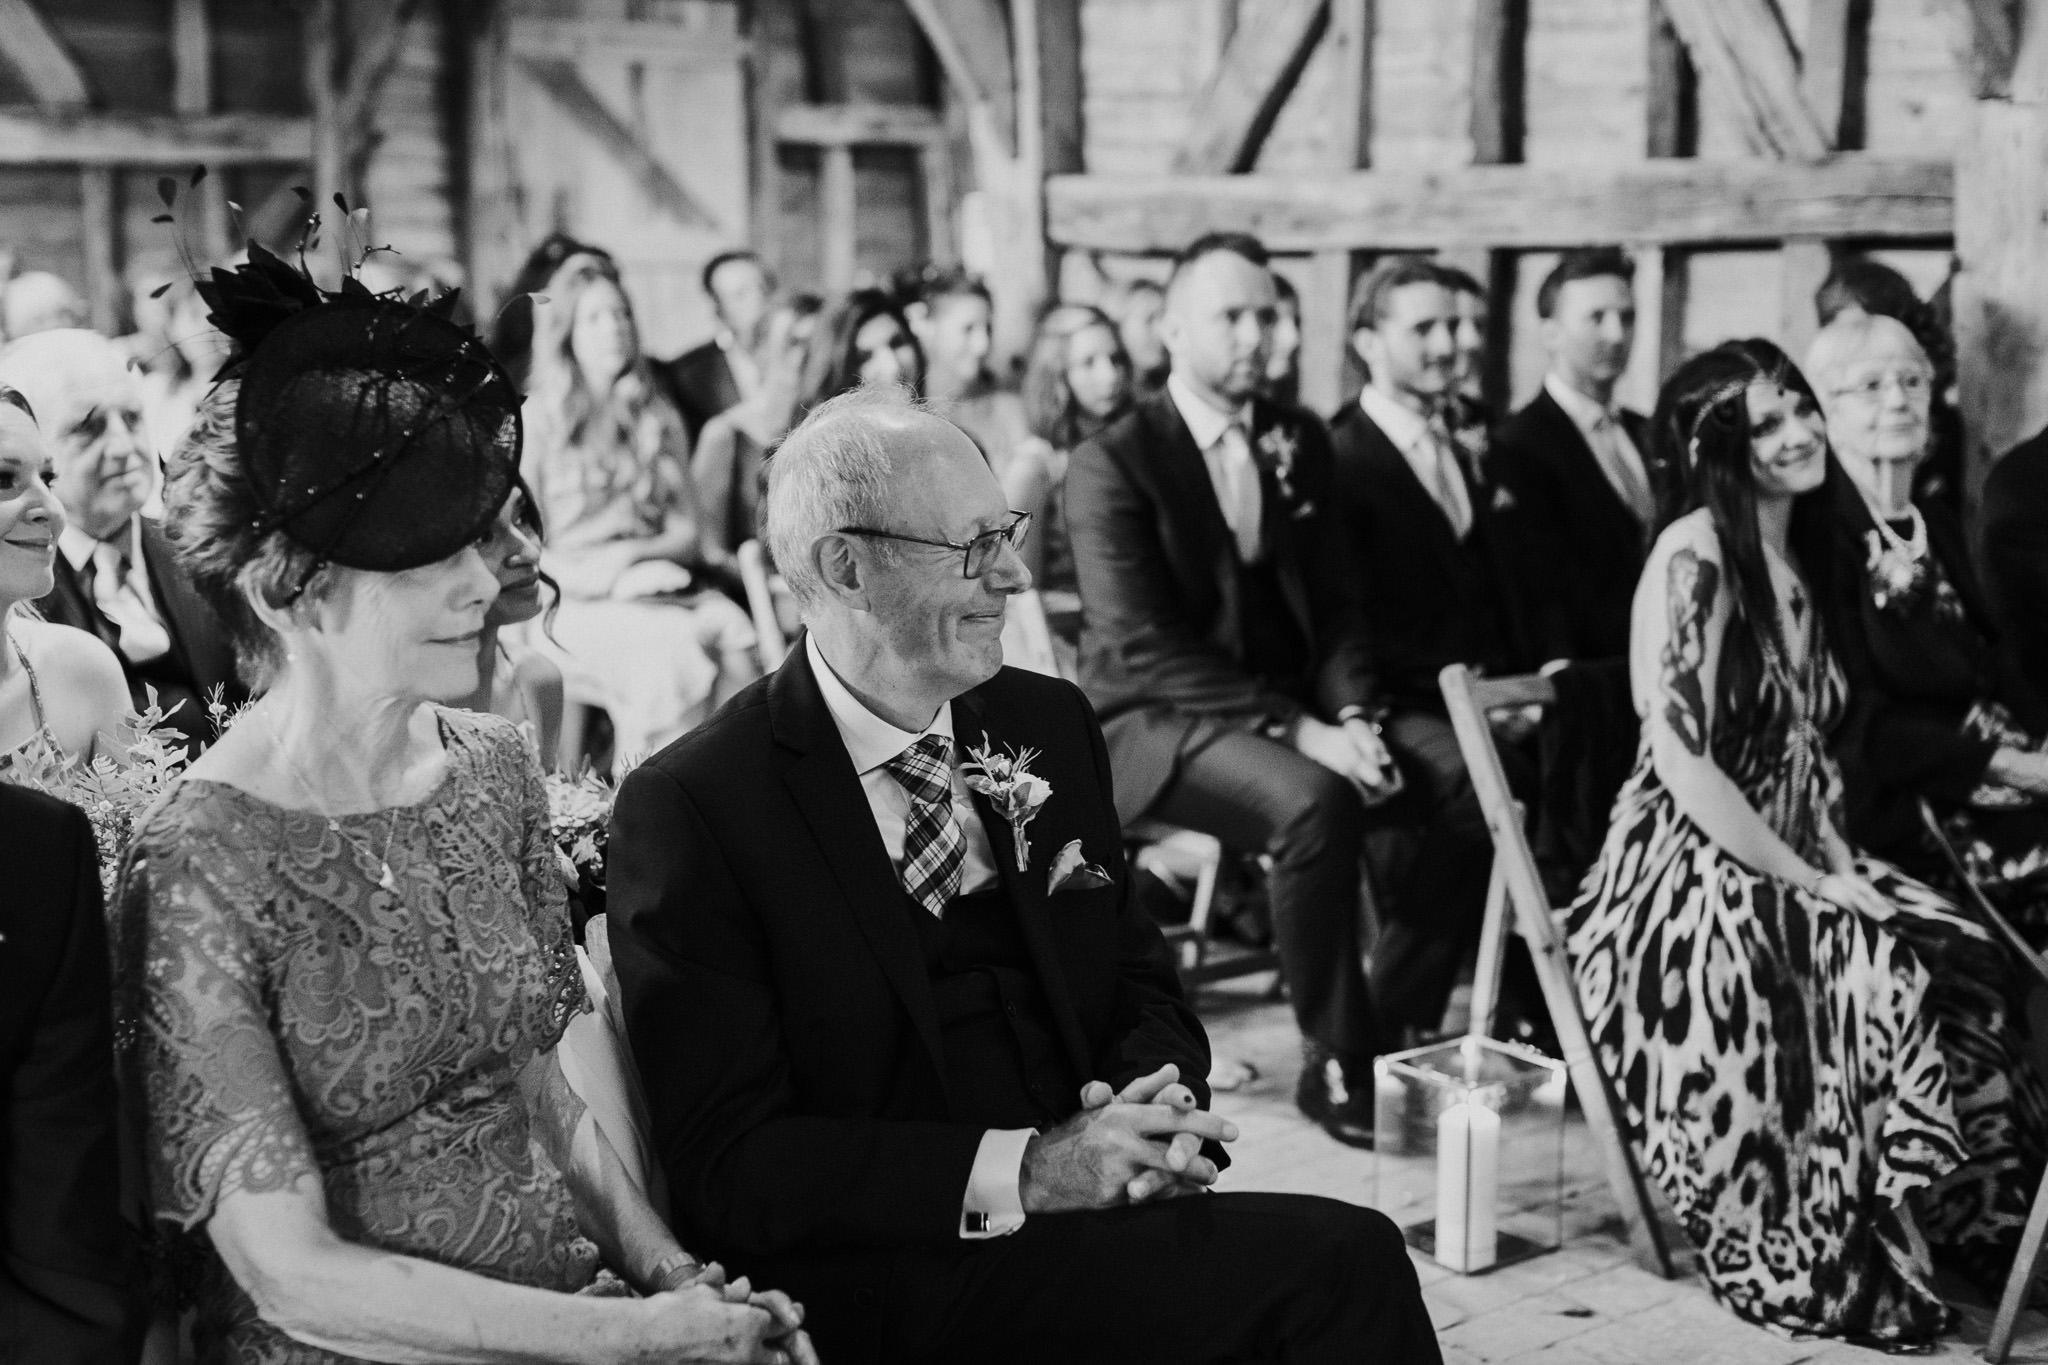 BillinghurstFarmwedding-75.jpg